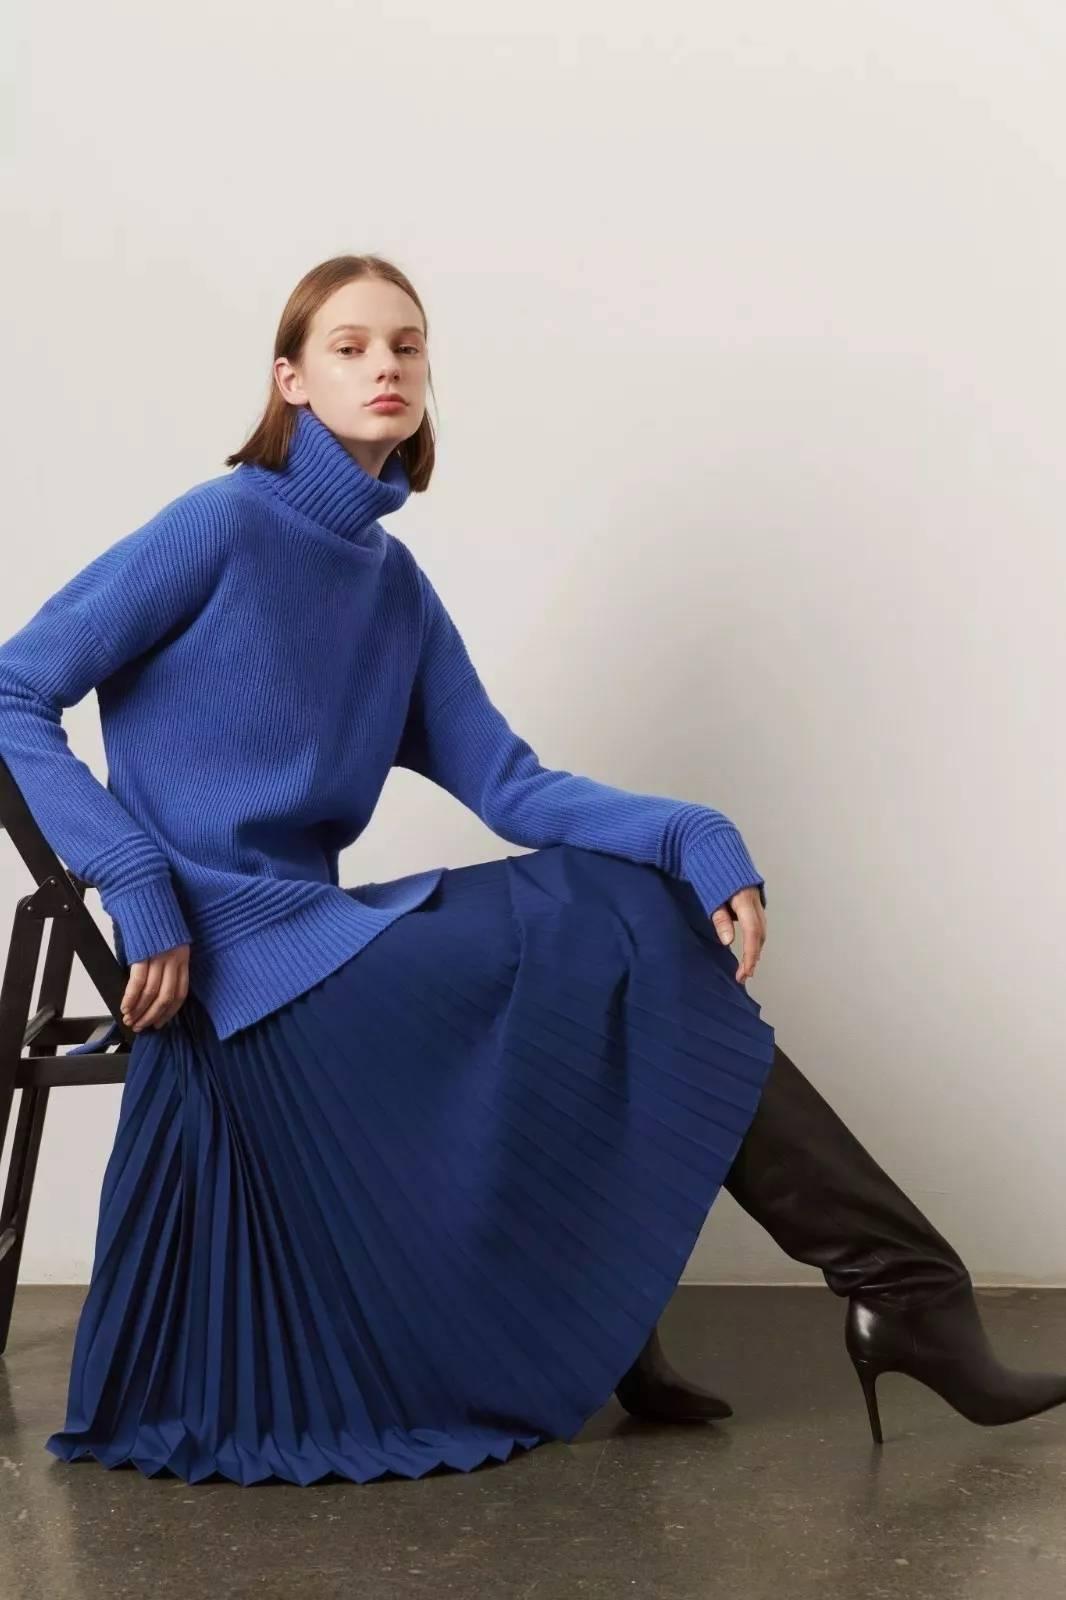 大毛衣+半裙 2020的气质通勤装就靠它了! 时尚家庭 第9张